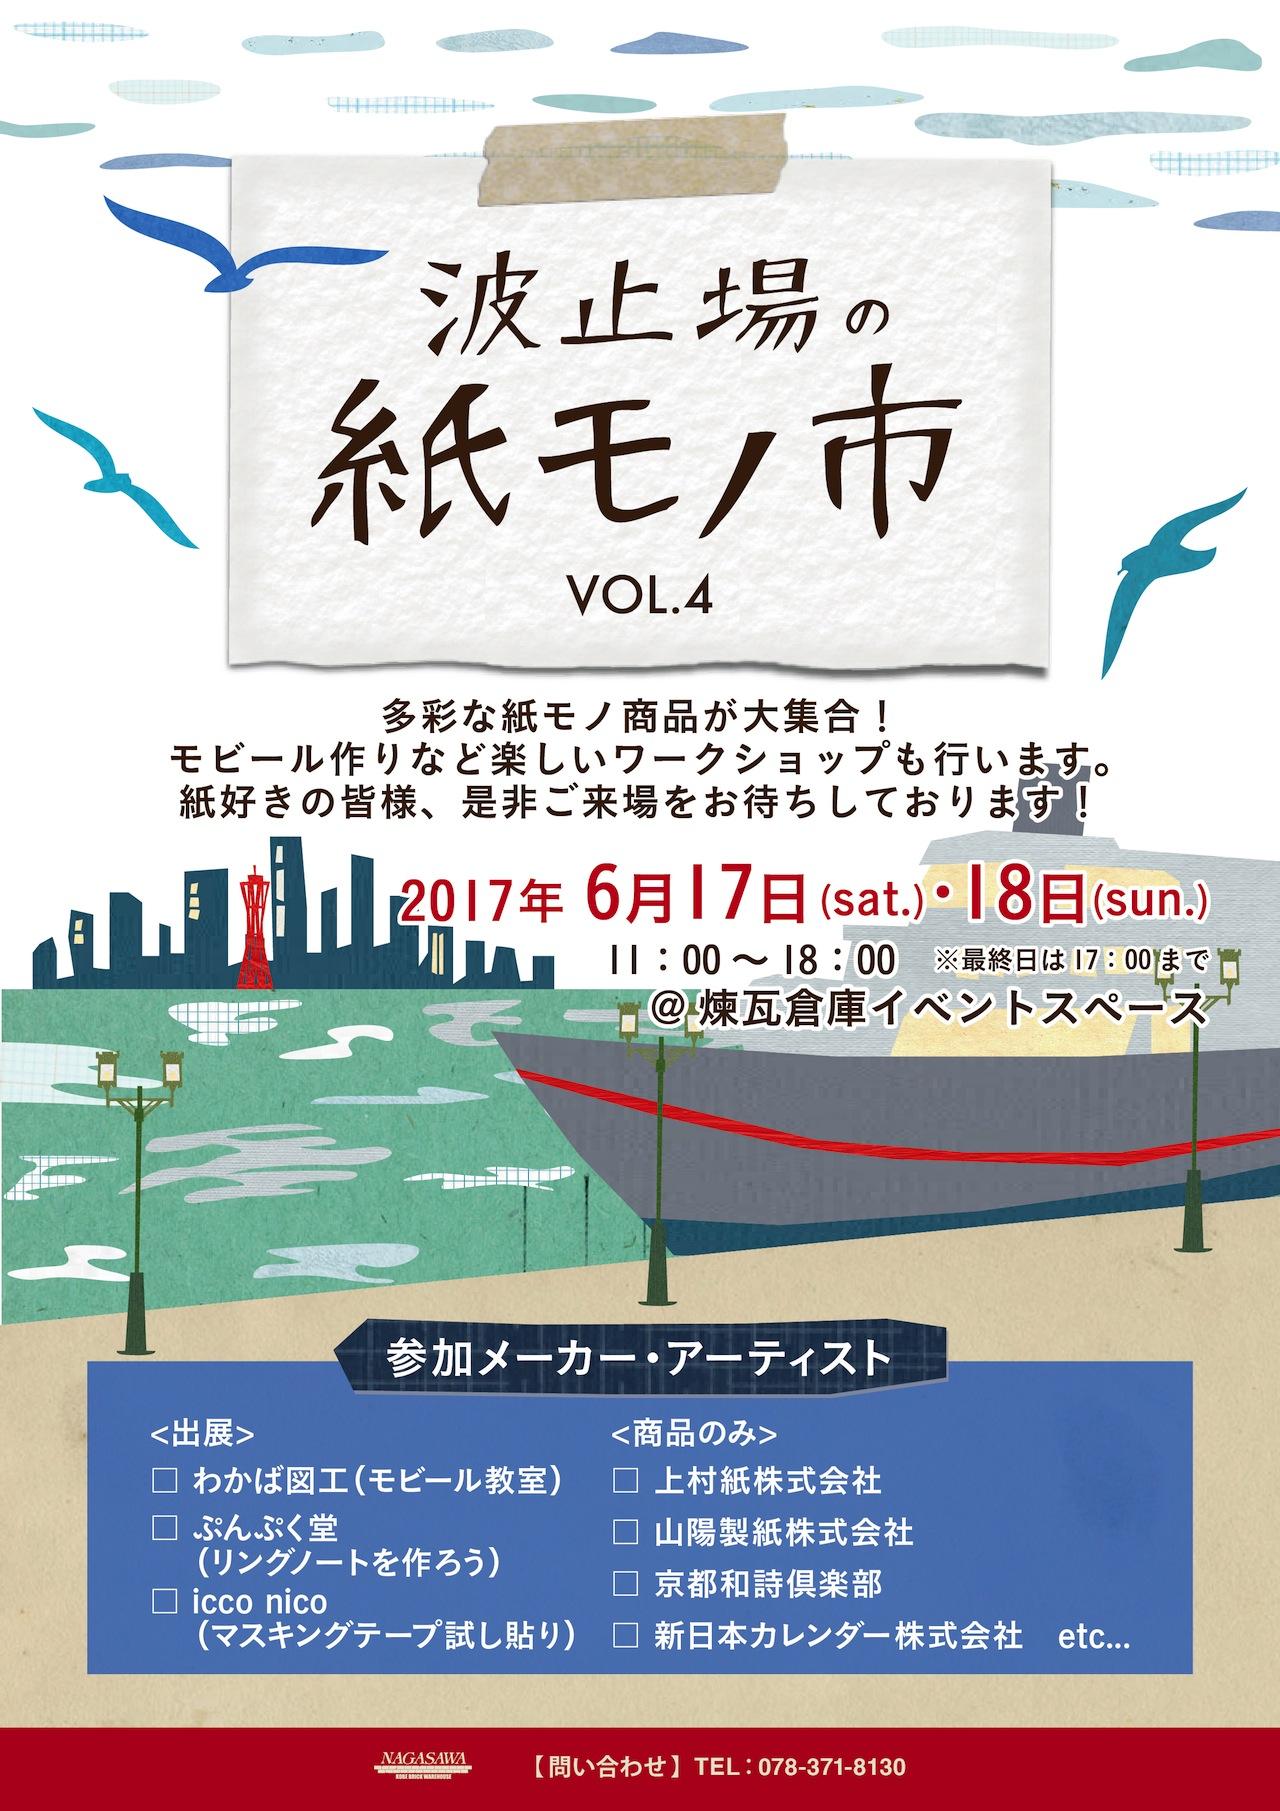 【波止場の紙モノ市】土日開催です〜〜